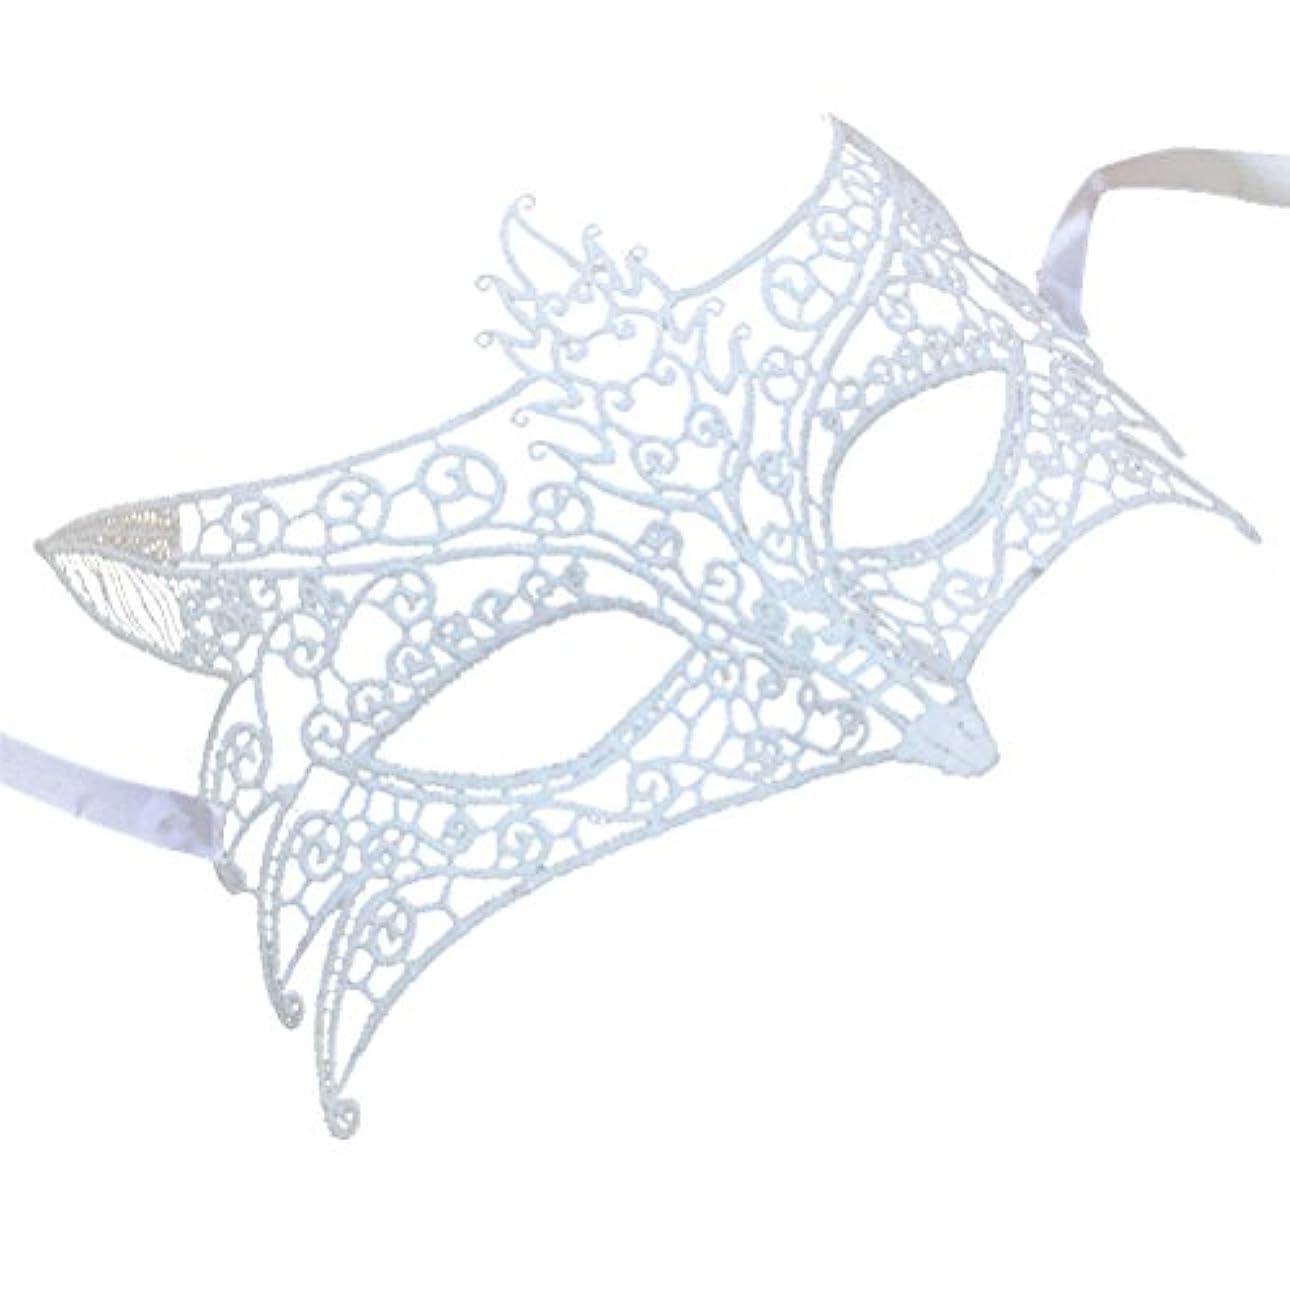 コンピューターゲームをプレイする輪郭解凍する、雪解け、霜解けAMOSFUN キツネの形をしたレースパーティーマスクイブニングパーティーウエディングマスカレードマスク(ホワイト)